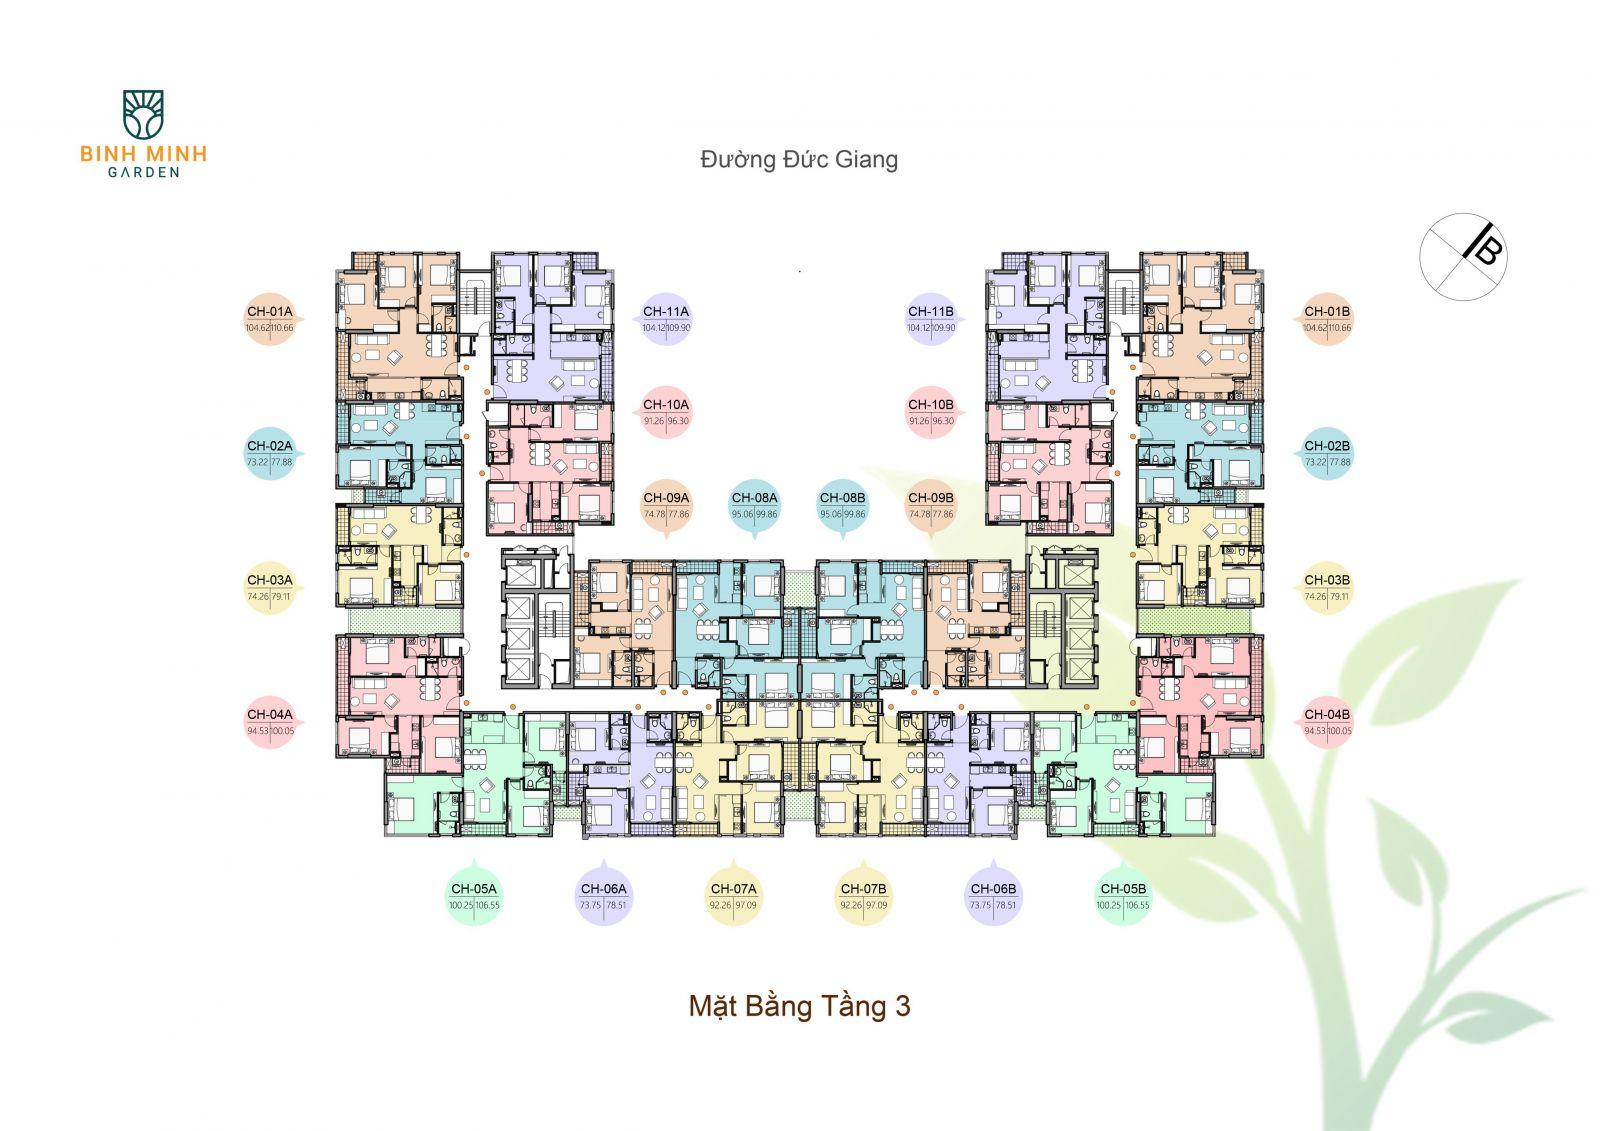 mặt bằng tầng 3 chung cư bình minh garden